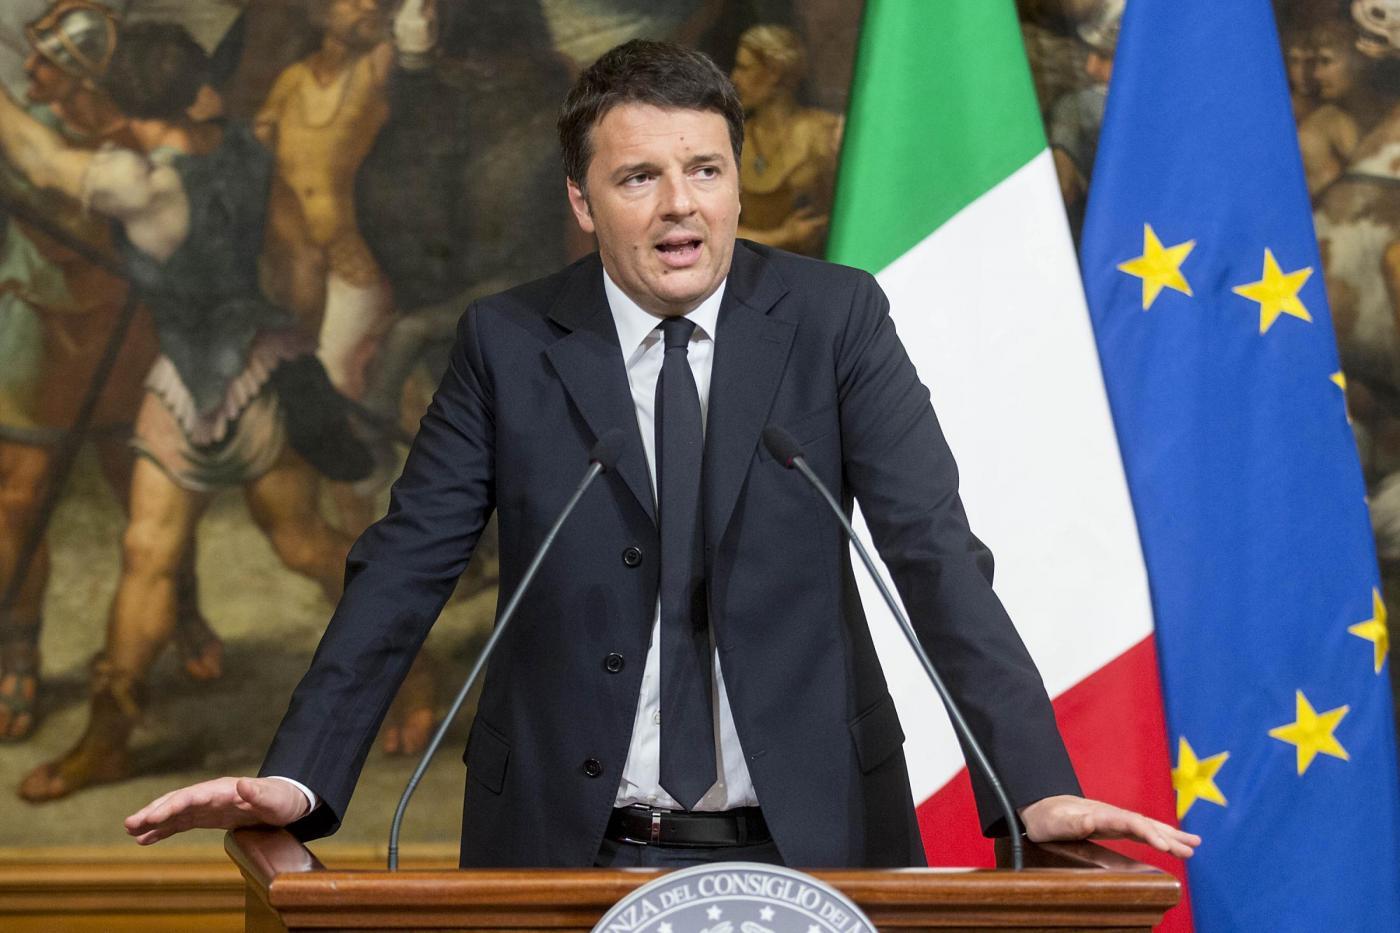 Palazzo Chigi Dichiarazioni di Matteo Renzi su attentati a Bruxelles